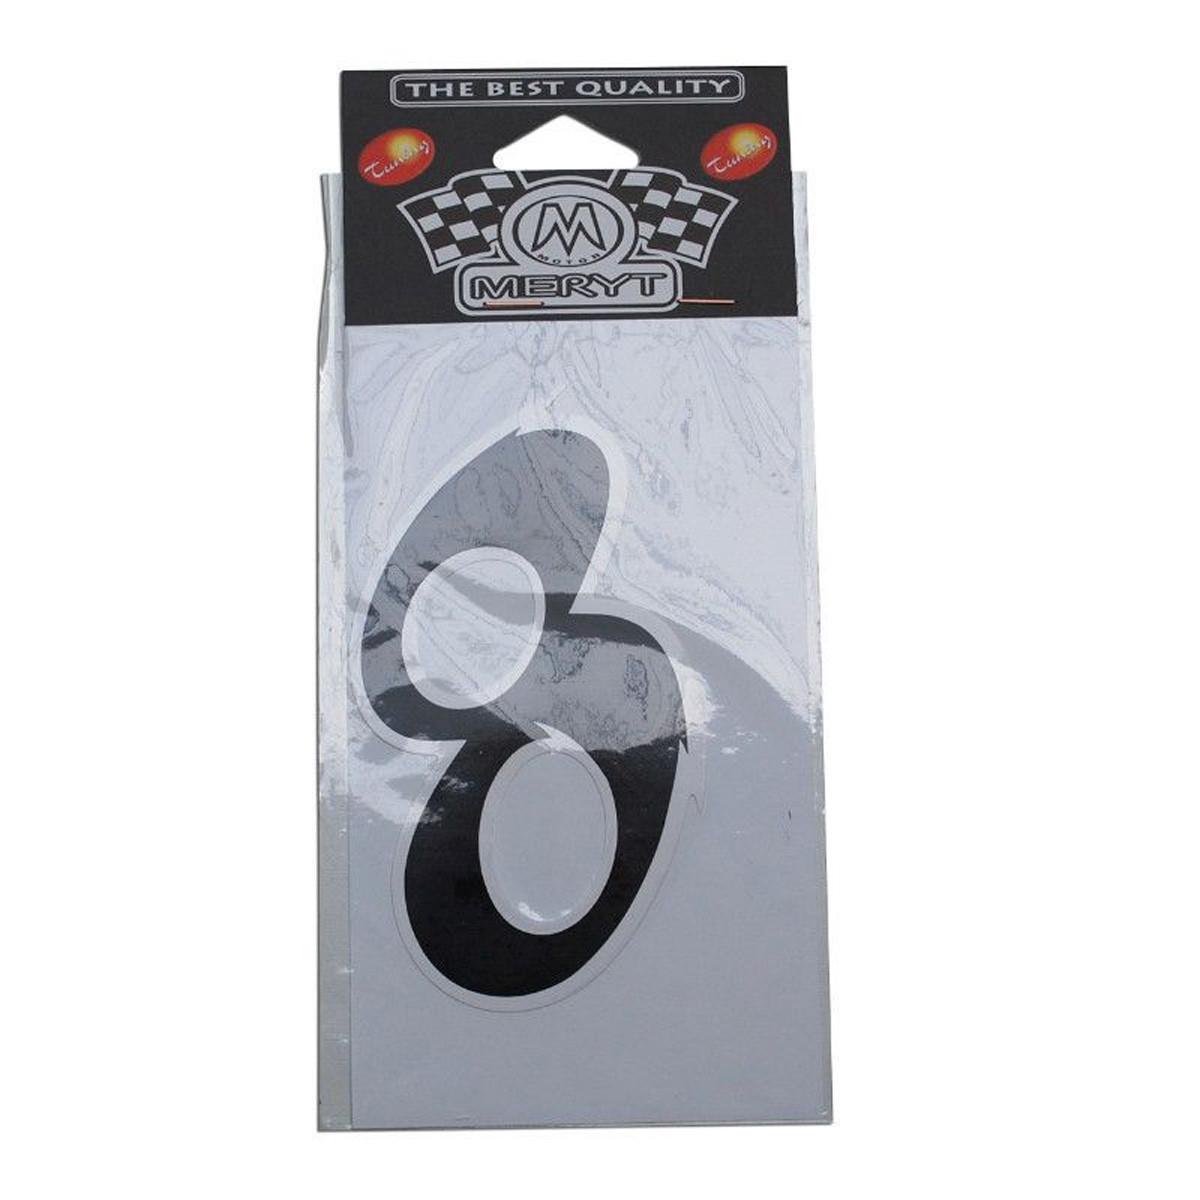 Autocollant / Sticker - MERYT - Numéro 8 - Noir- H 9 cm